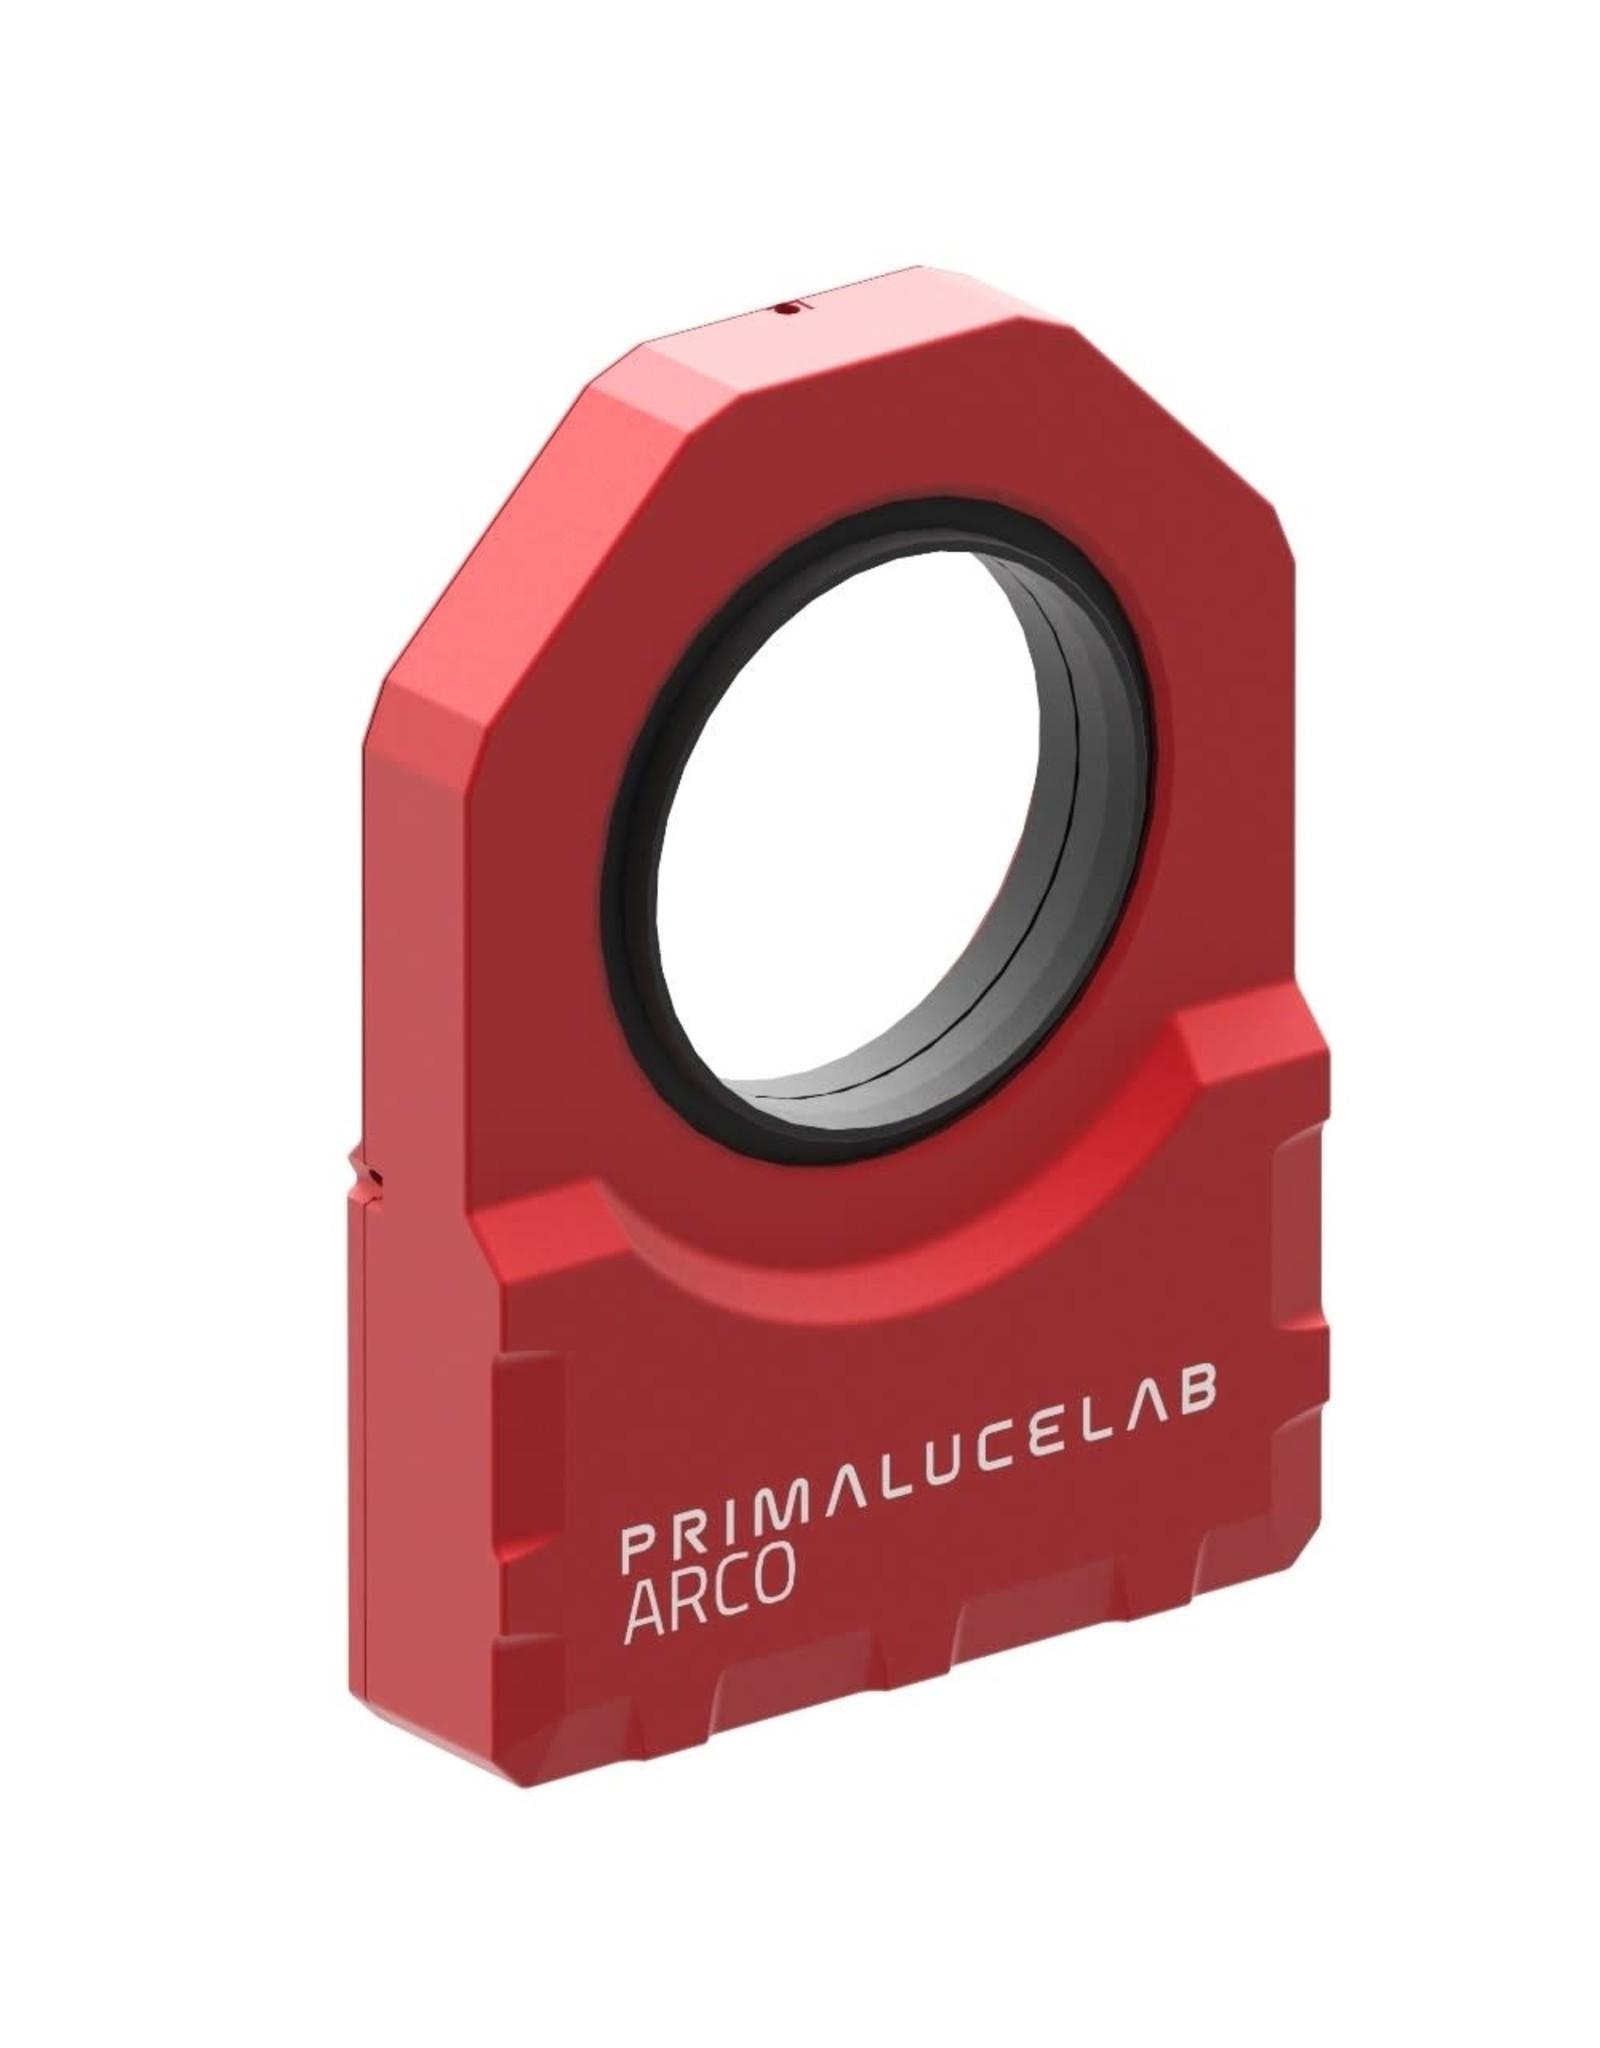 """PrimaLuceLab PrimaLuceLab ARCO 3"""" robotic rotator"""